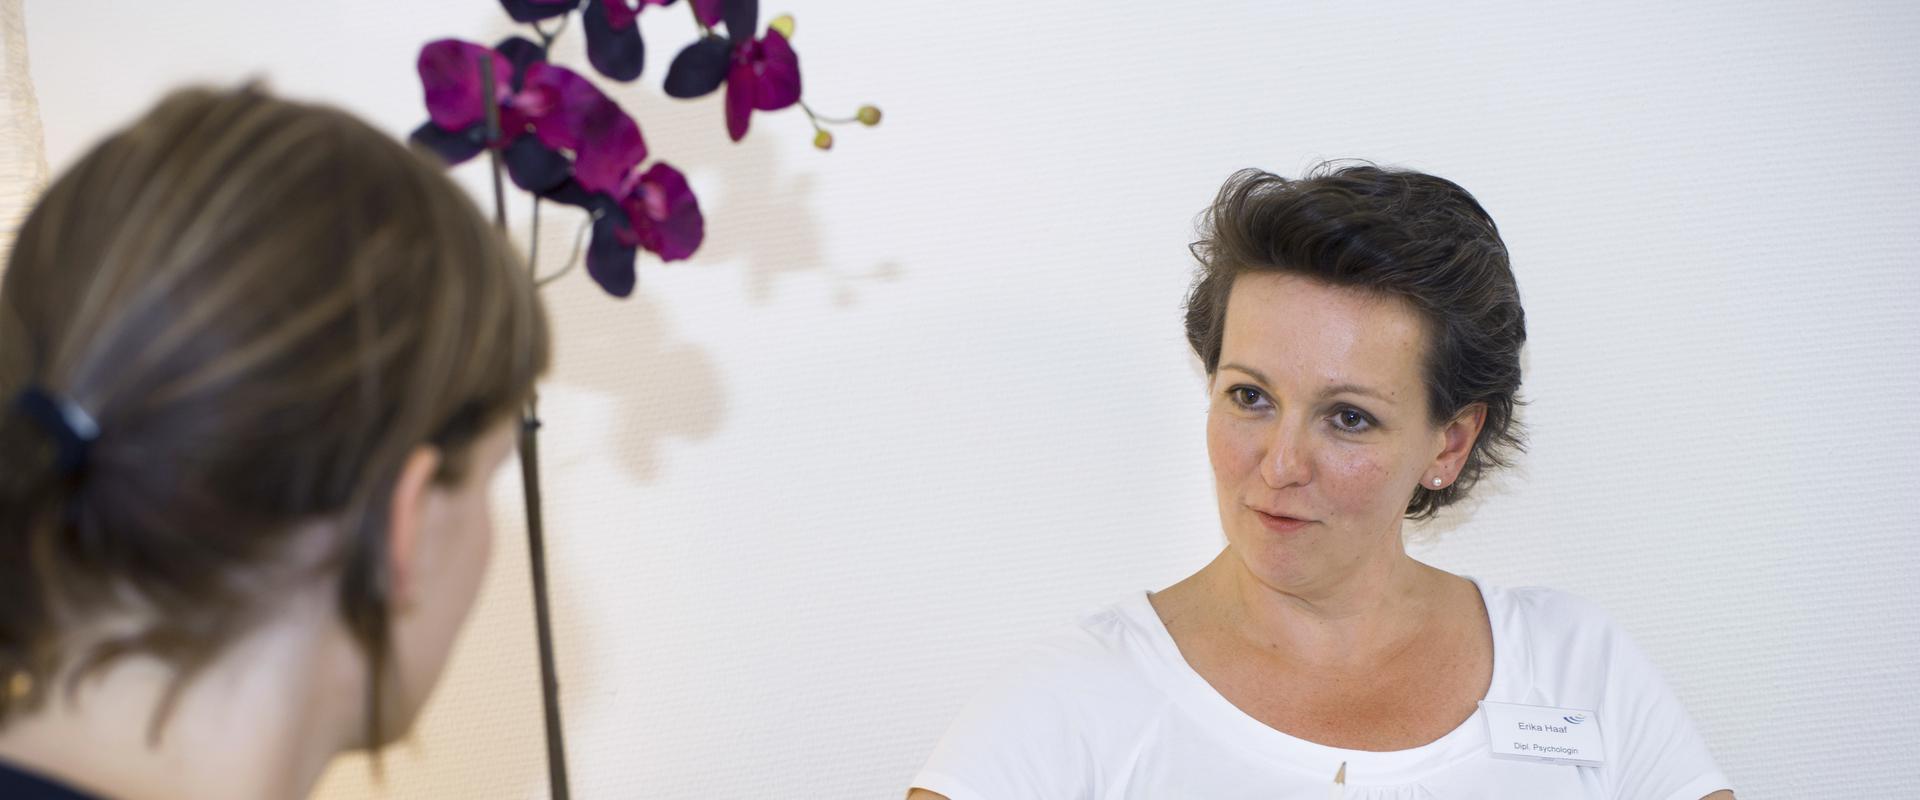 Psychologin im Gespräch mit einer Patientin in der MEDIAN AGZ Düsseldorf